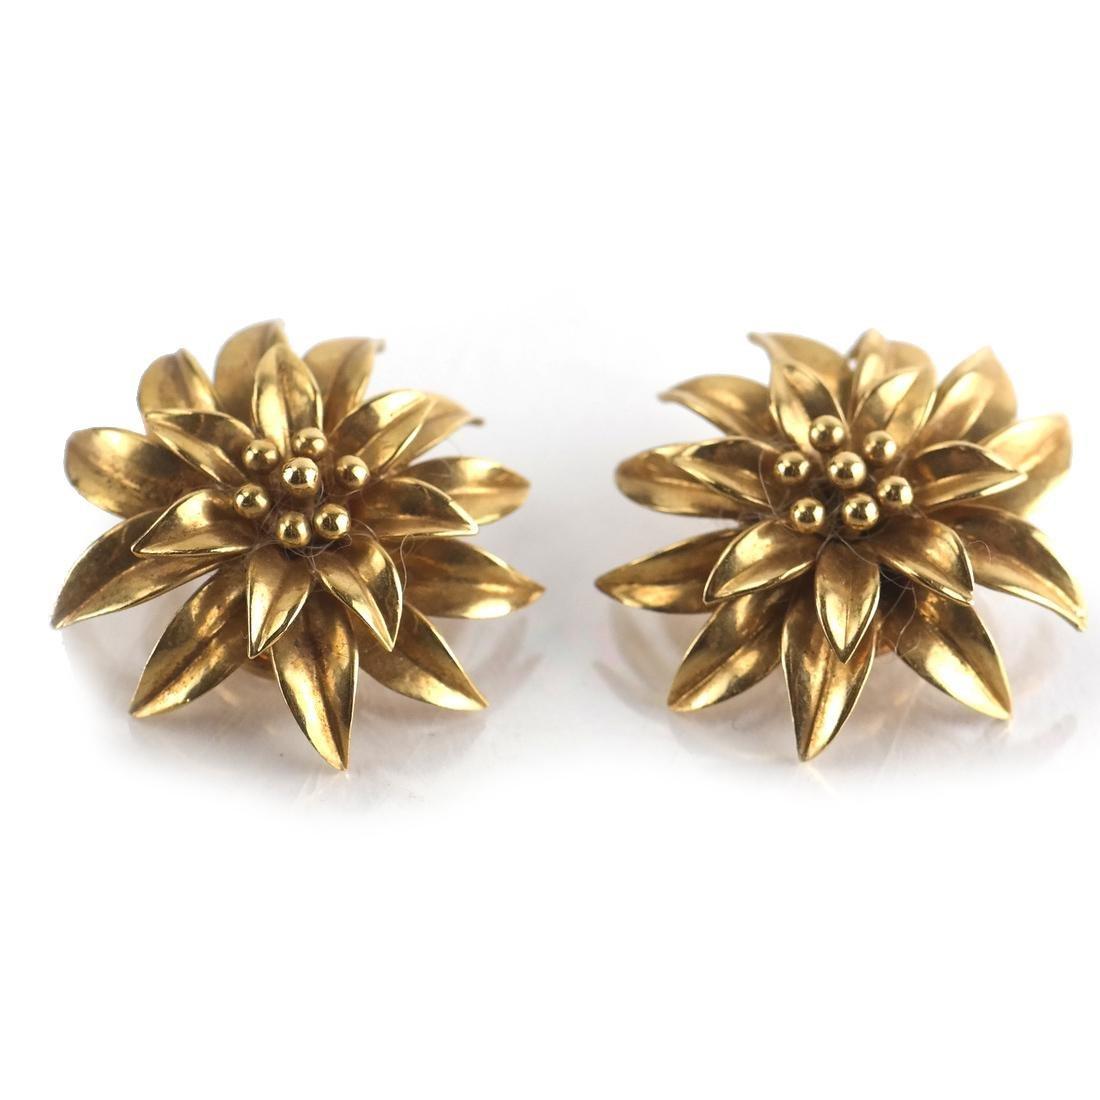 Tiffany & Co. 18k YG Ear Clips